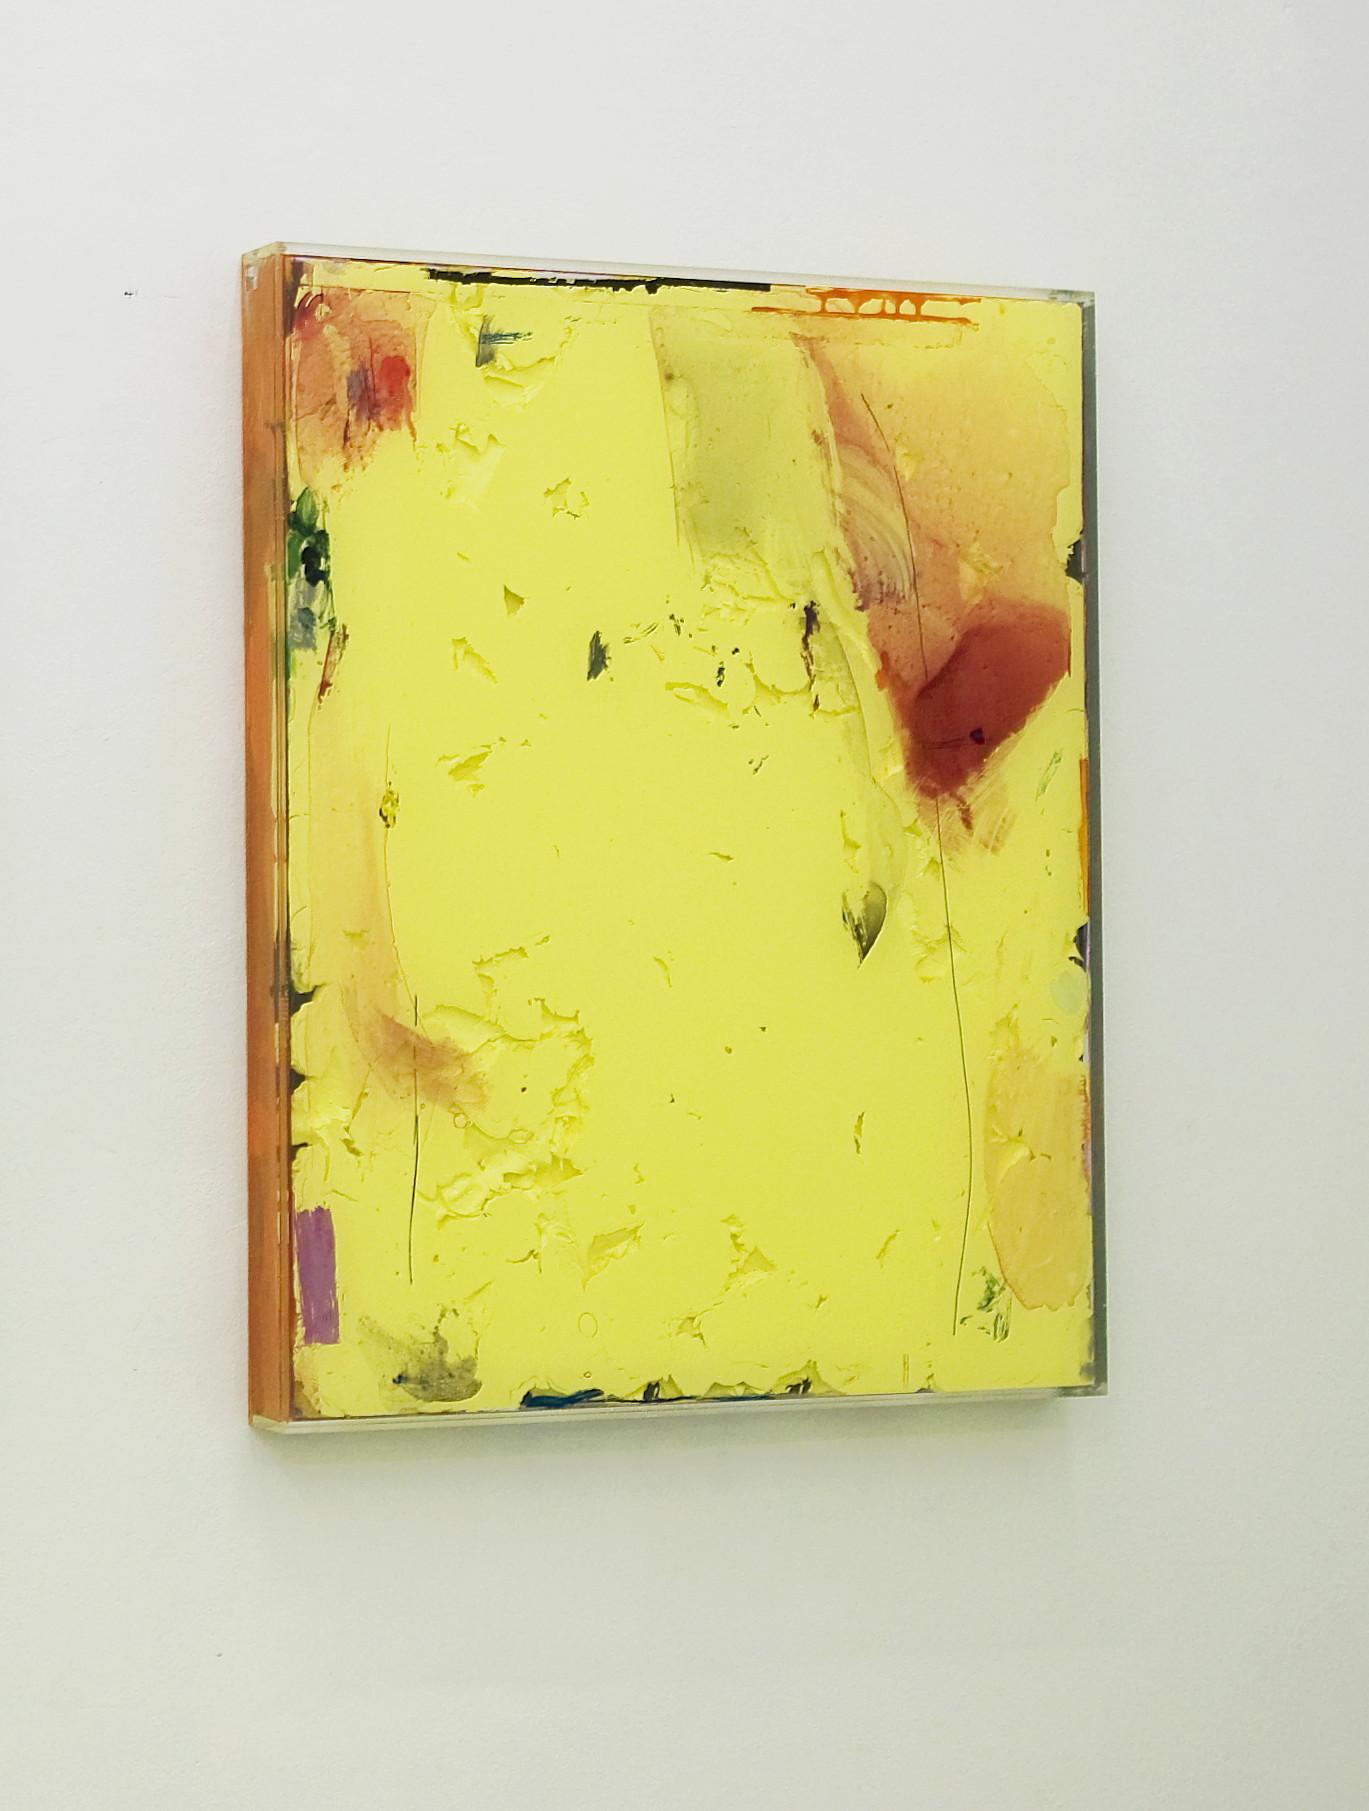 Coágulo amarillo mediano (2014) - Marion Thieme